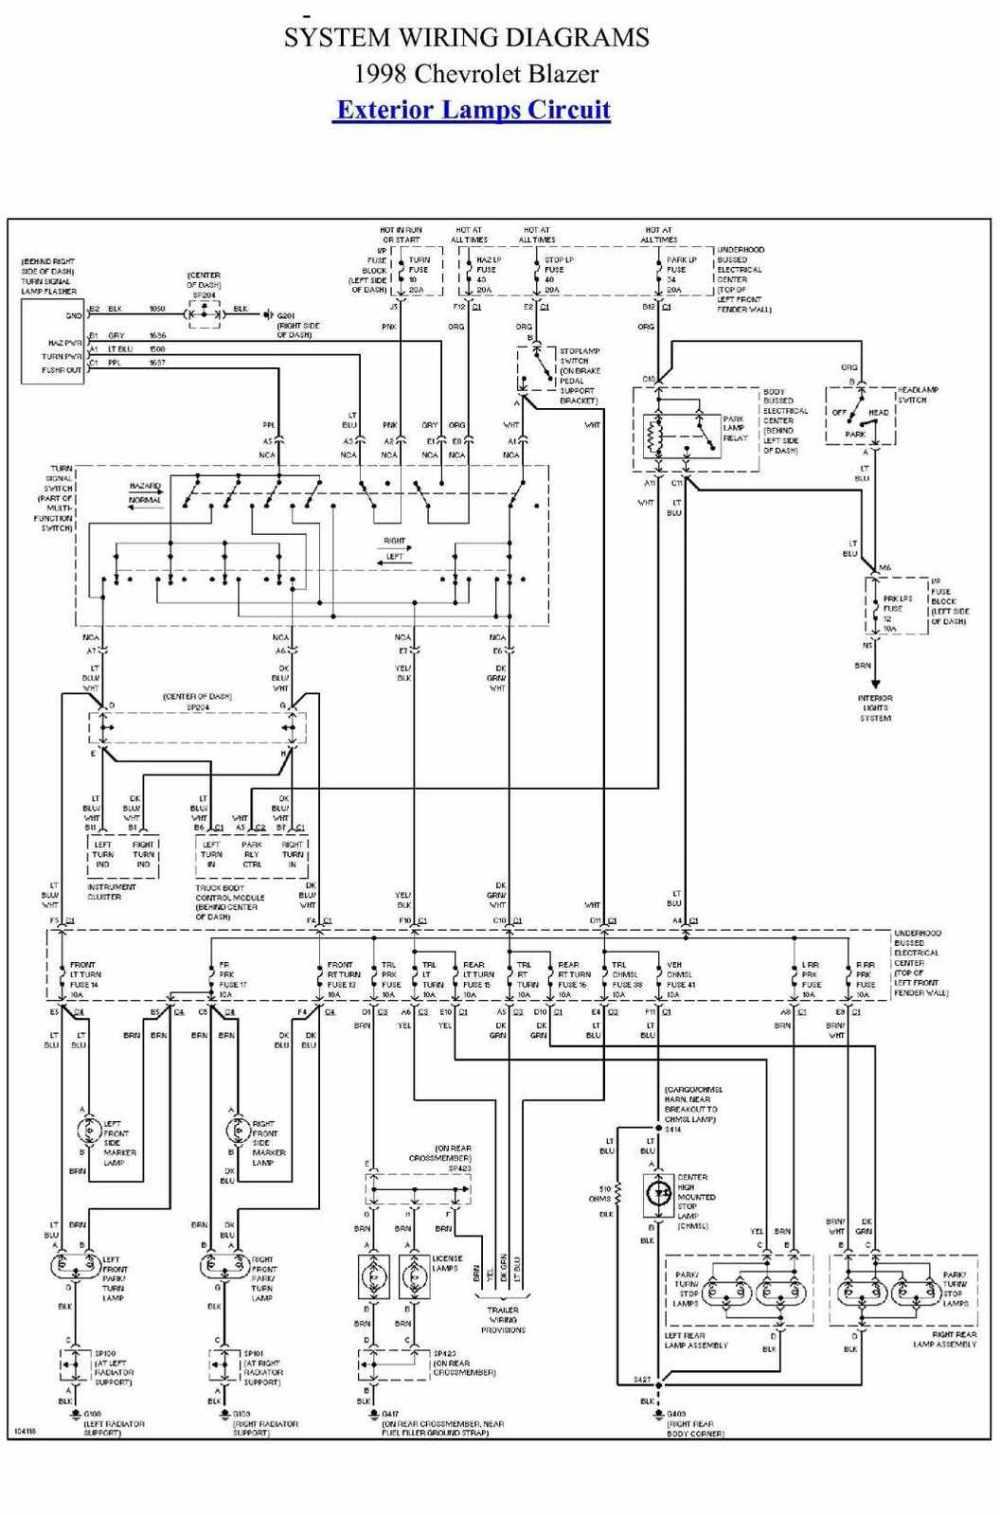 medium resolution of 98 blazer trailer wiring diagram schema wiring diagram 1998 blazer stereo wiring diagram 1998 blazer wiring diagram